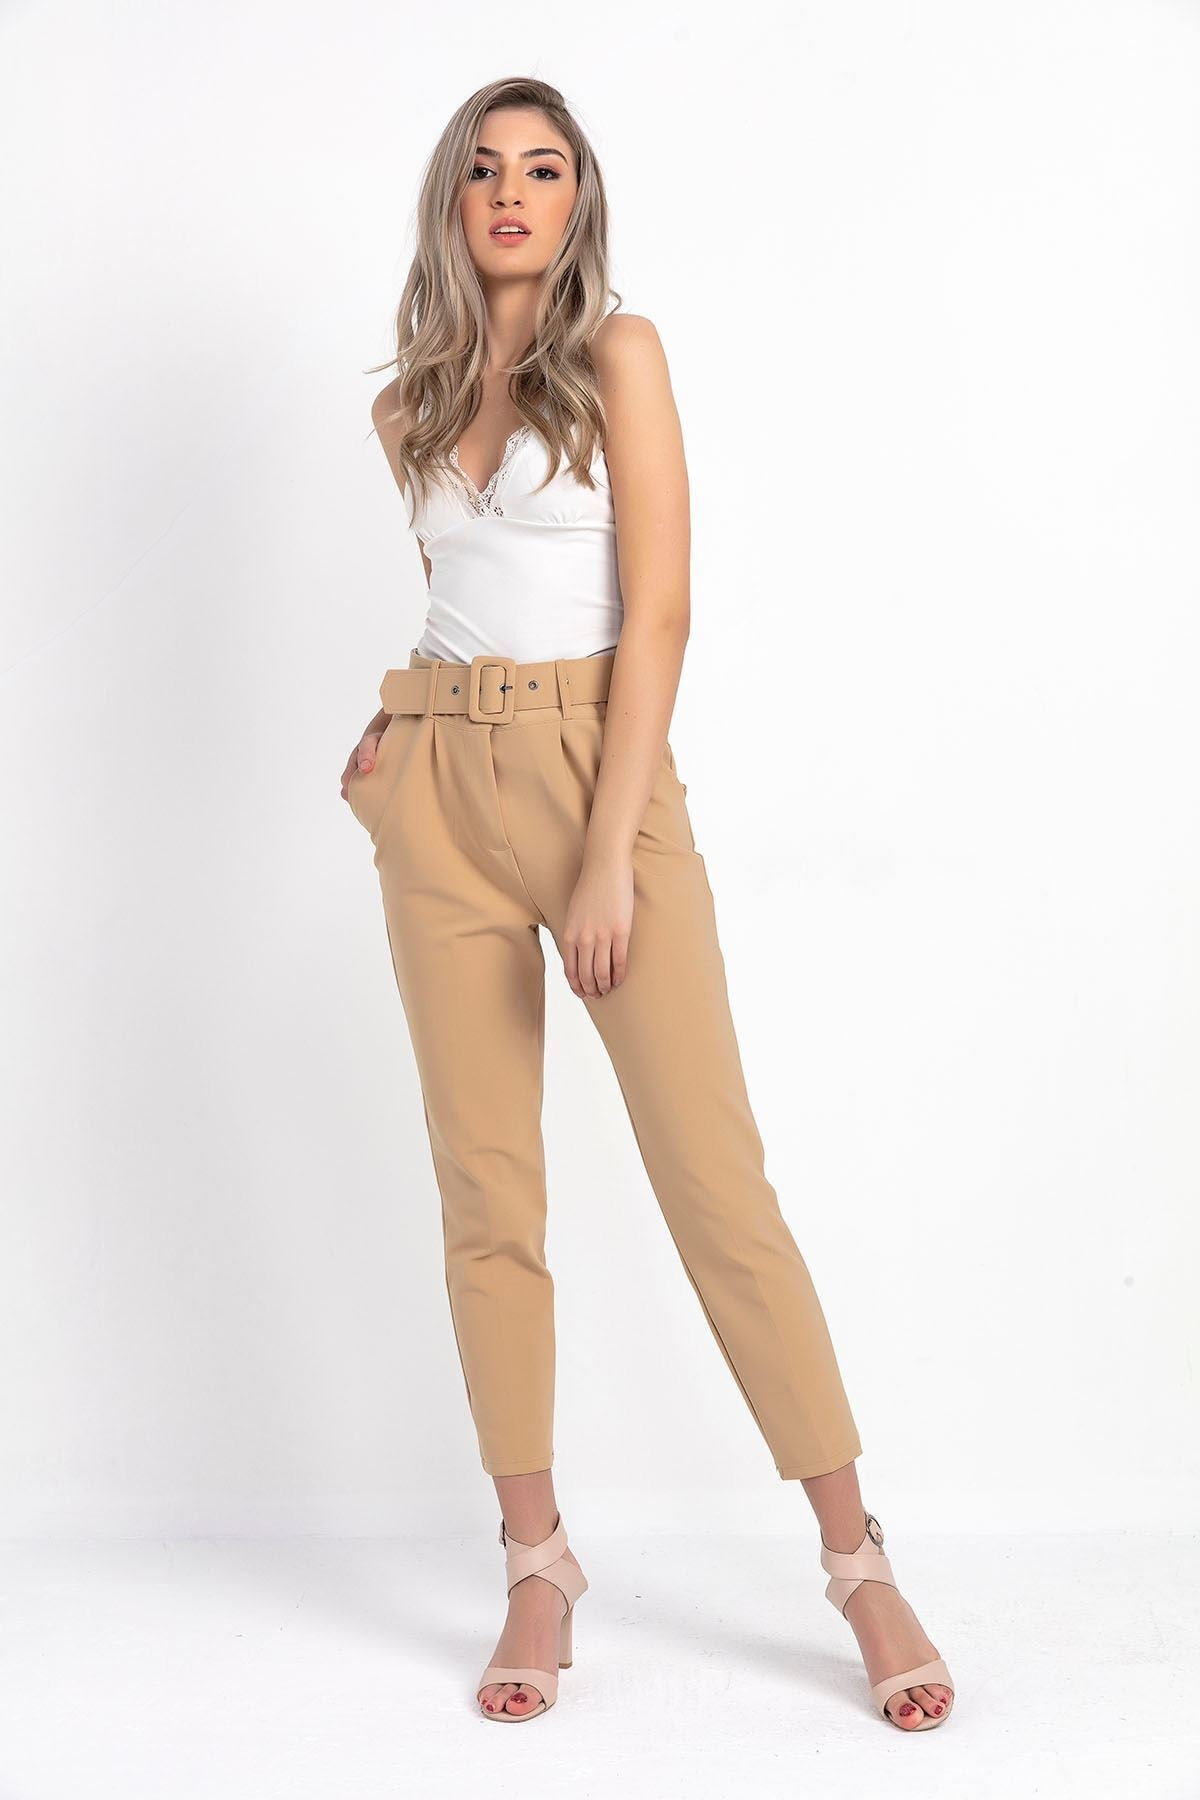 Zafoni Kadın Vizon Beli Kemerli Havuç Pantolon 1